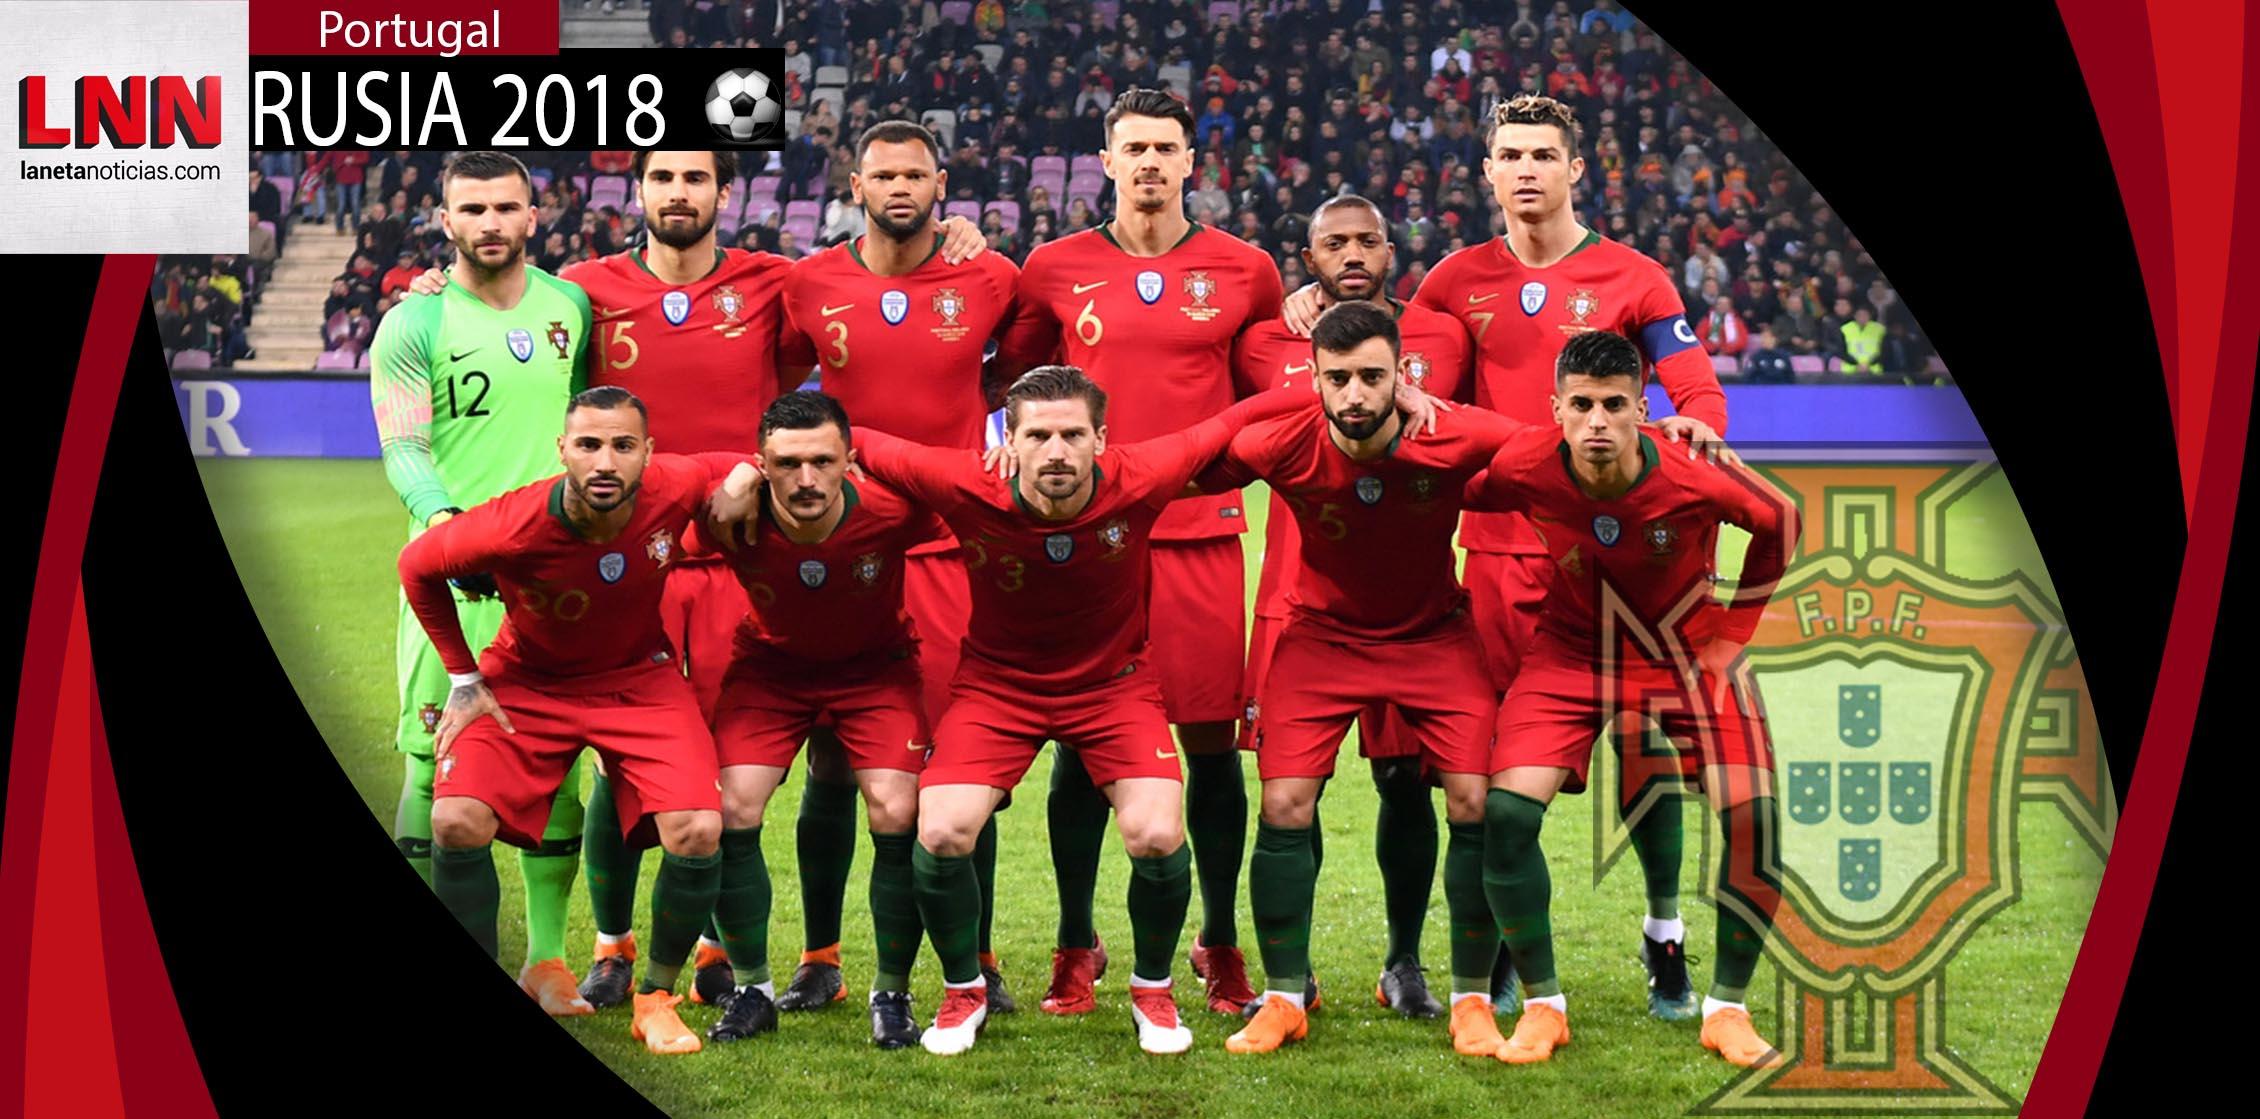 Perfiles Rusia 2018: Portugal, Cristiano al mando